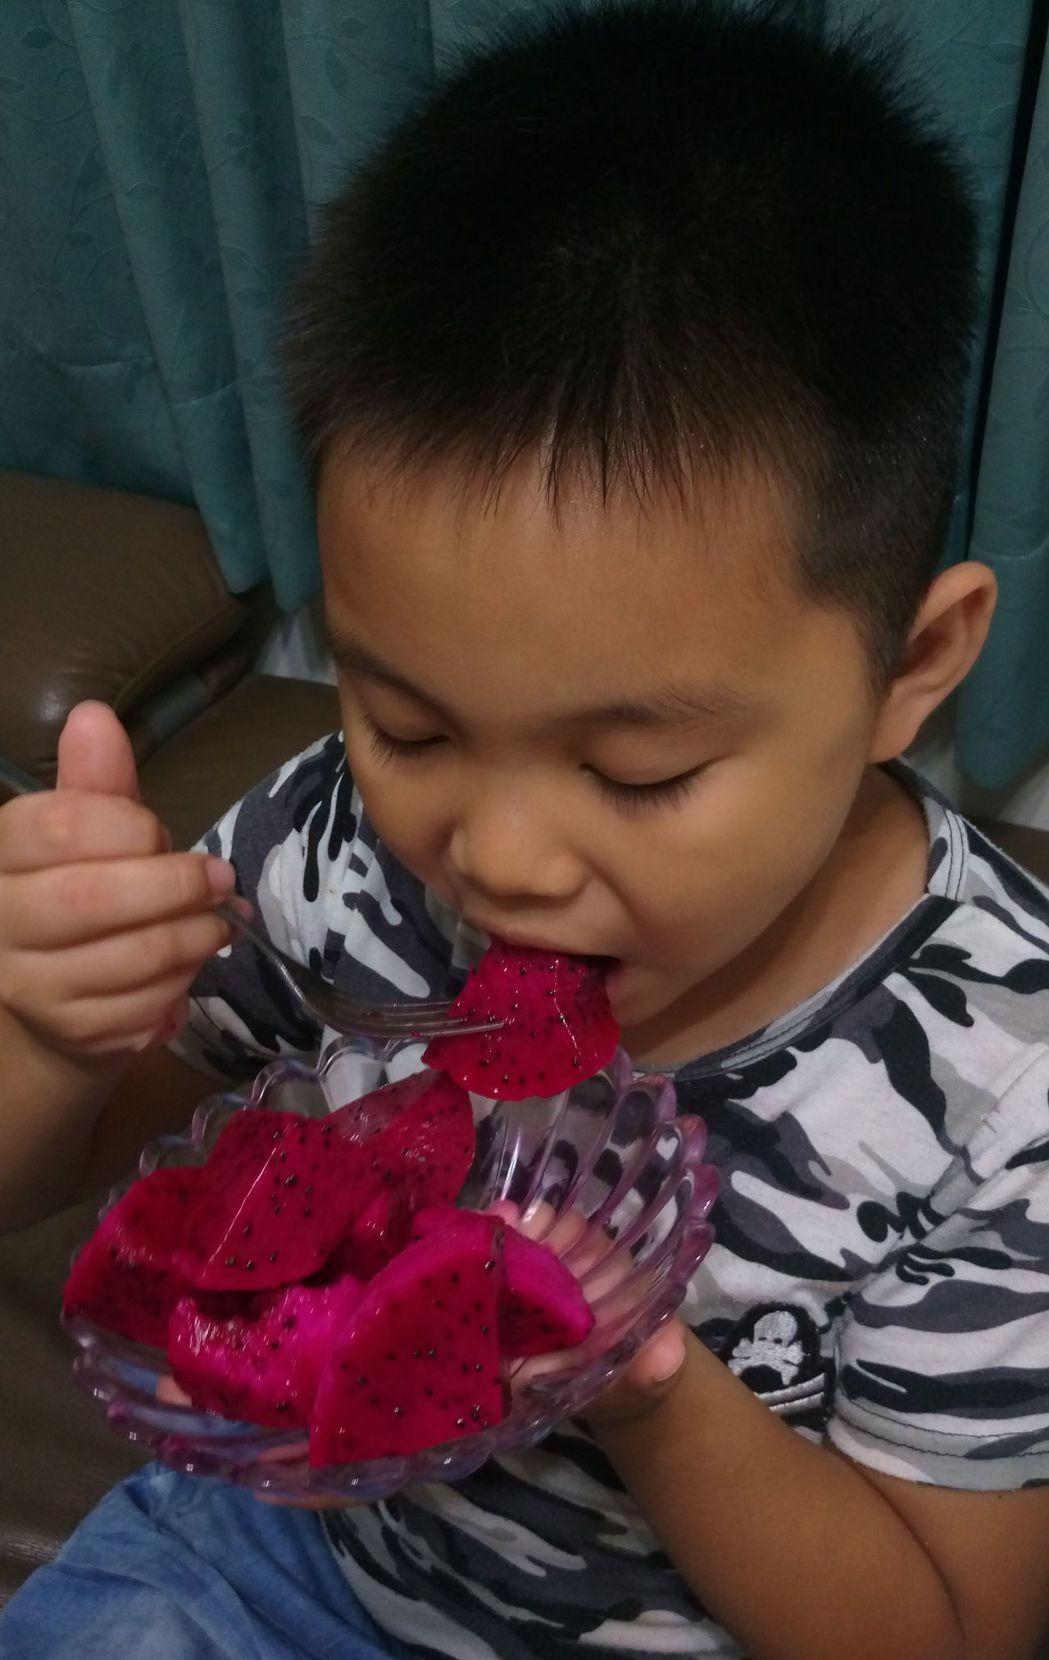 火龍果清甜好滋味,深受大人、小孩歡迎。記者趙容萱/攝影